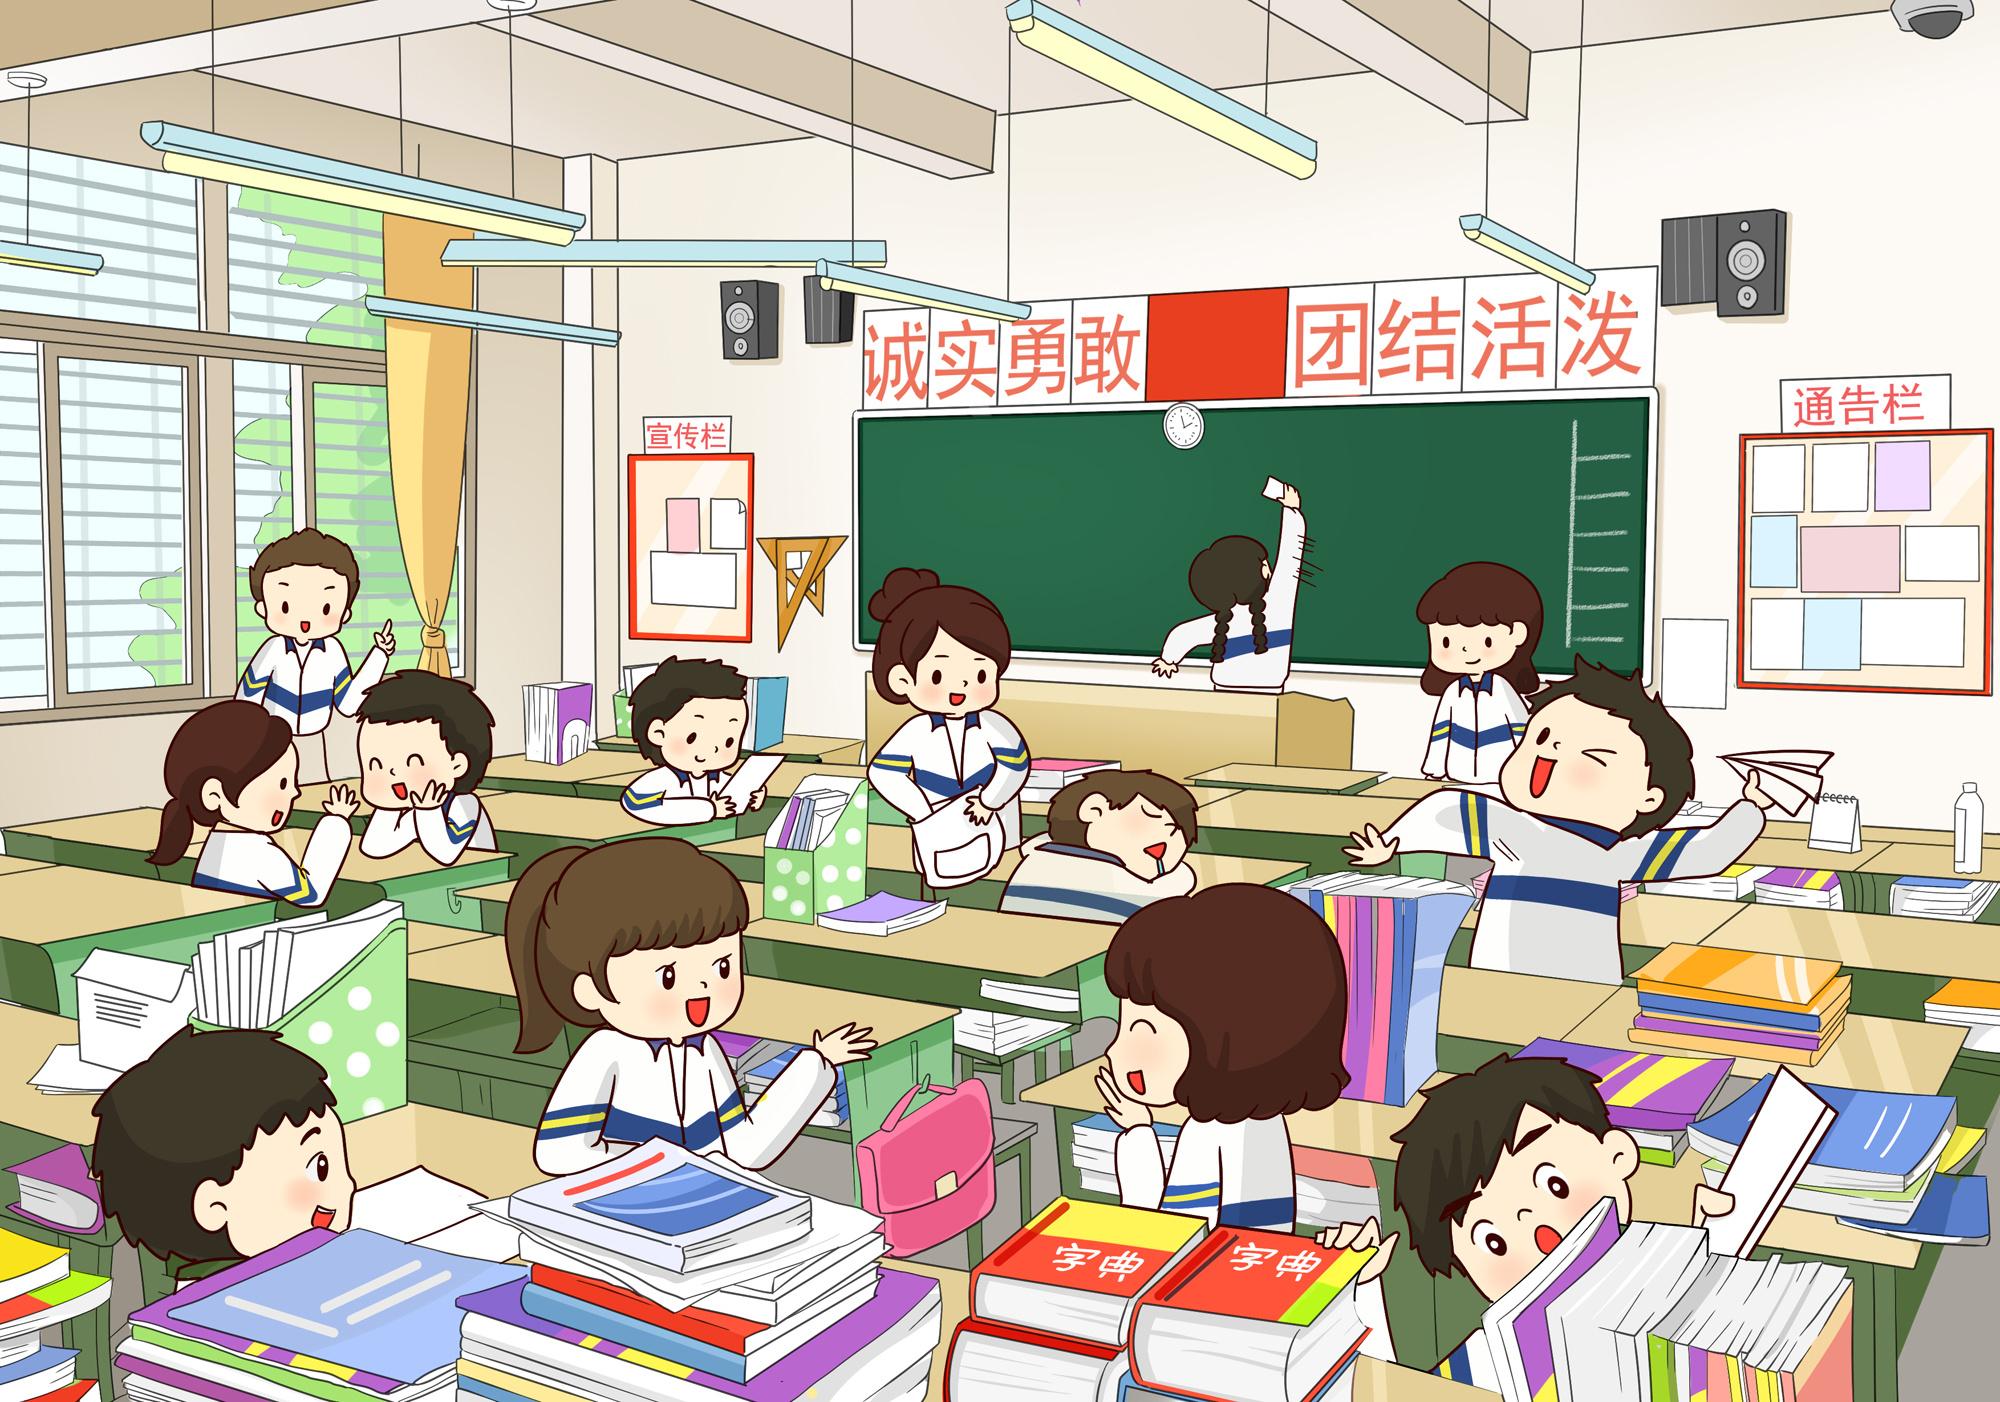 卡通校园风景明信片插画